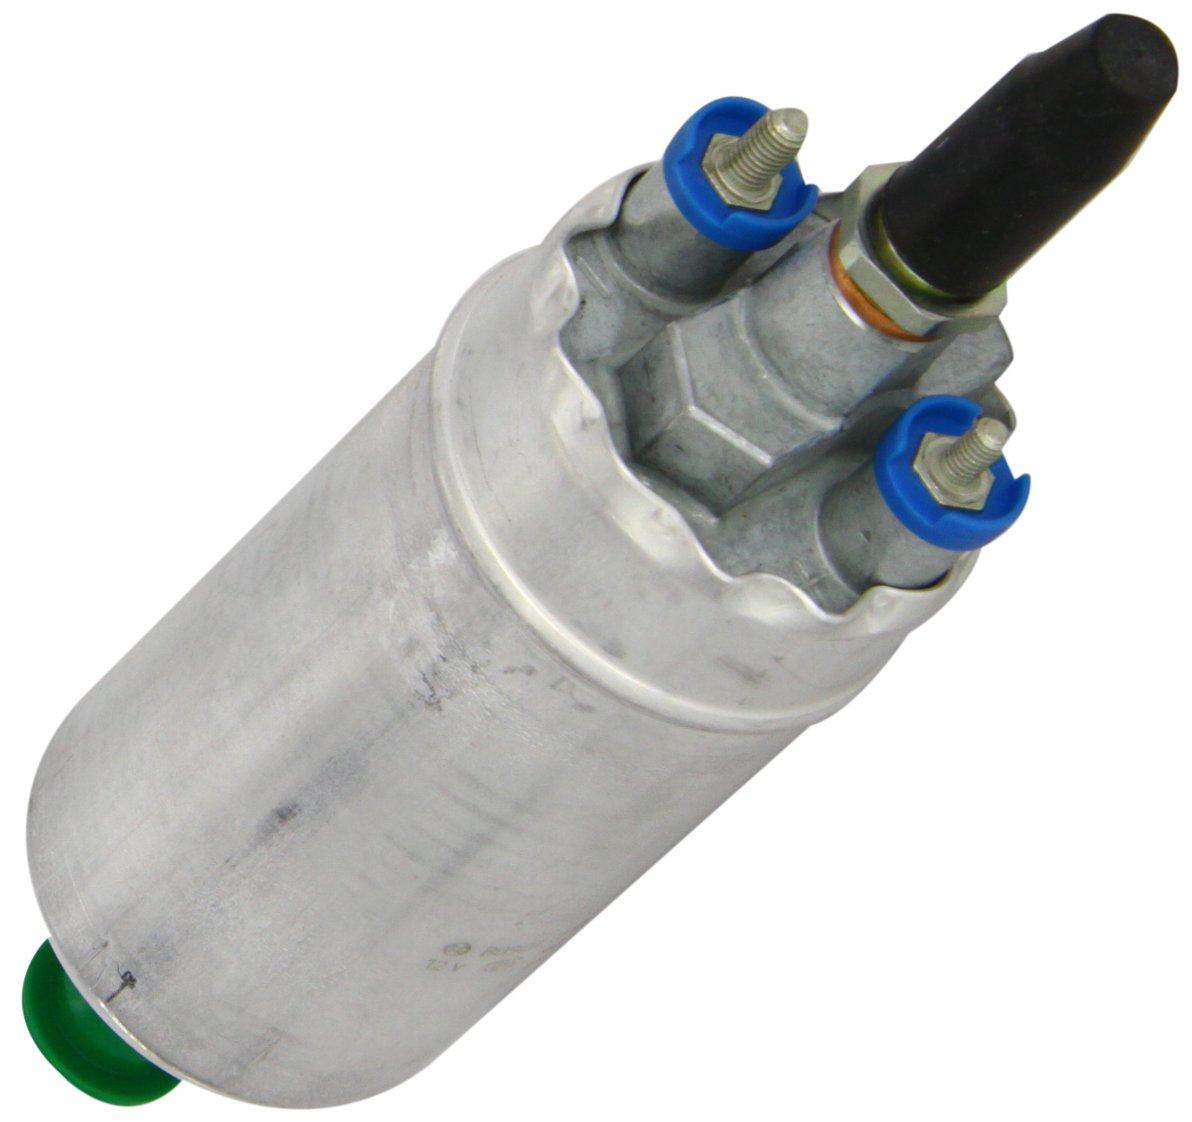 Bosch 580464021 Pompe à carburant électrique Robert Bosch GmbH Automotive Aftermarket 0 580 464 021